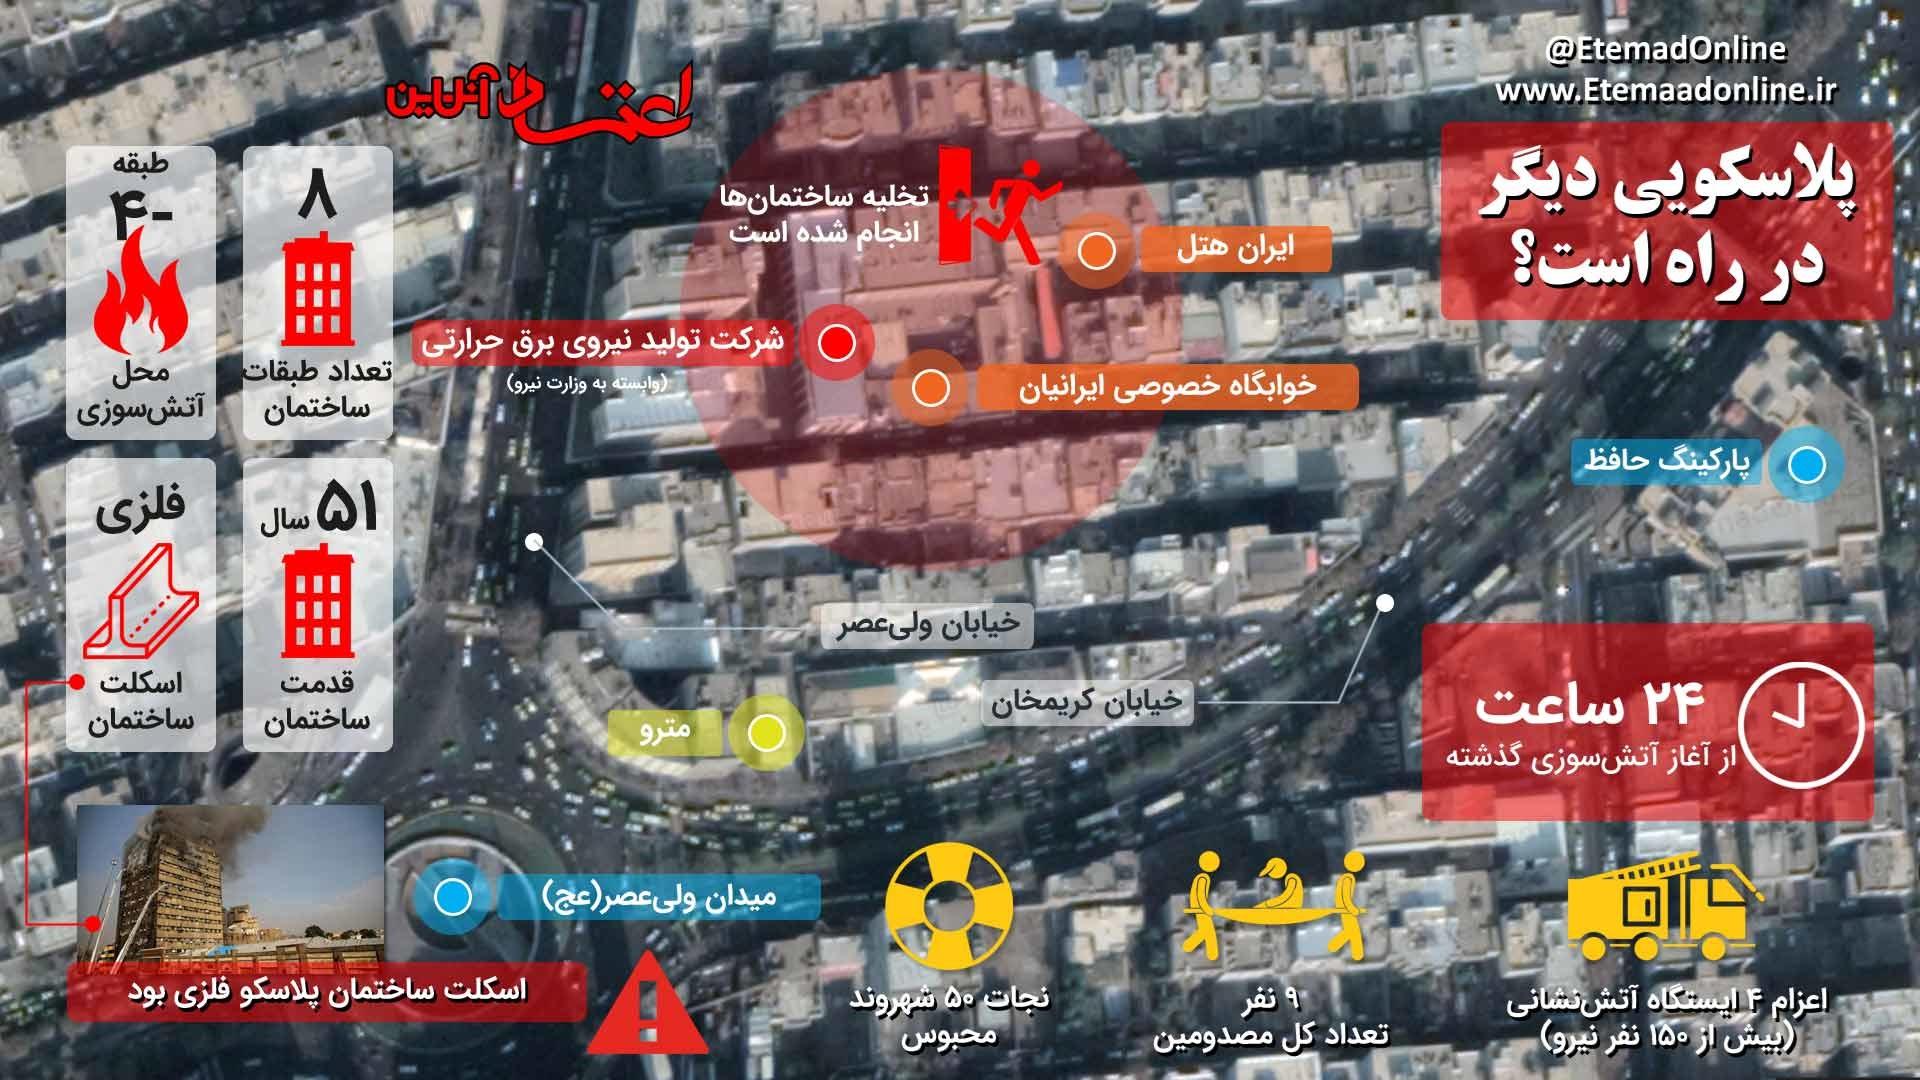 همه چیز درباره آتشسوزی ساختمان وزارت نیرو/ پلاسکویی دیگر در راه است؟ (اینفوگرافیک)